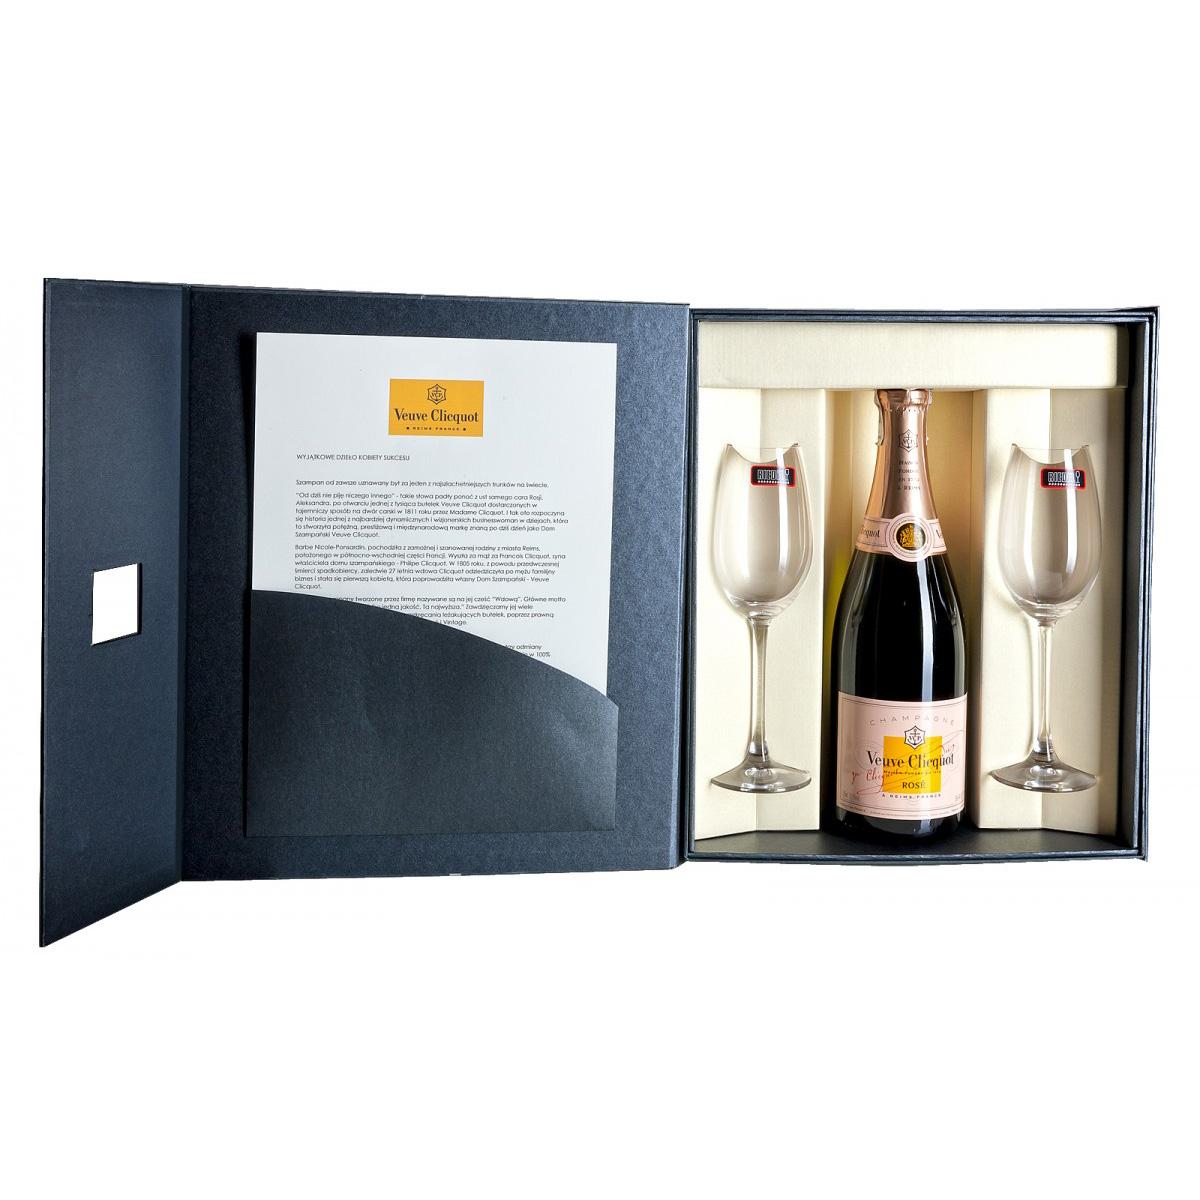 Zestaw prezentowy luksusowy - Veuve Clicquot Rosé